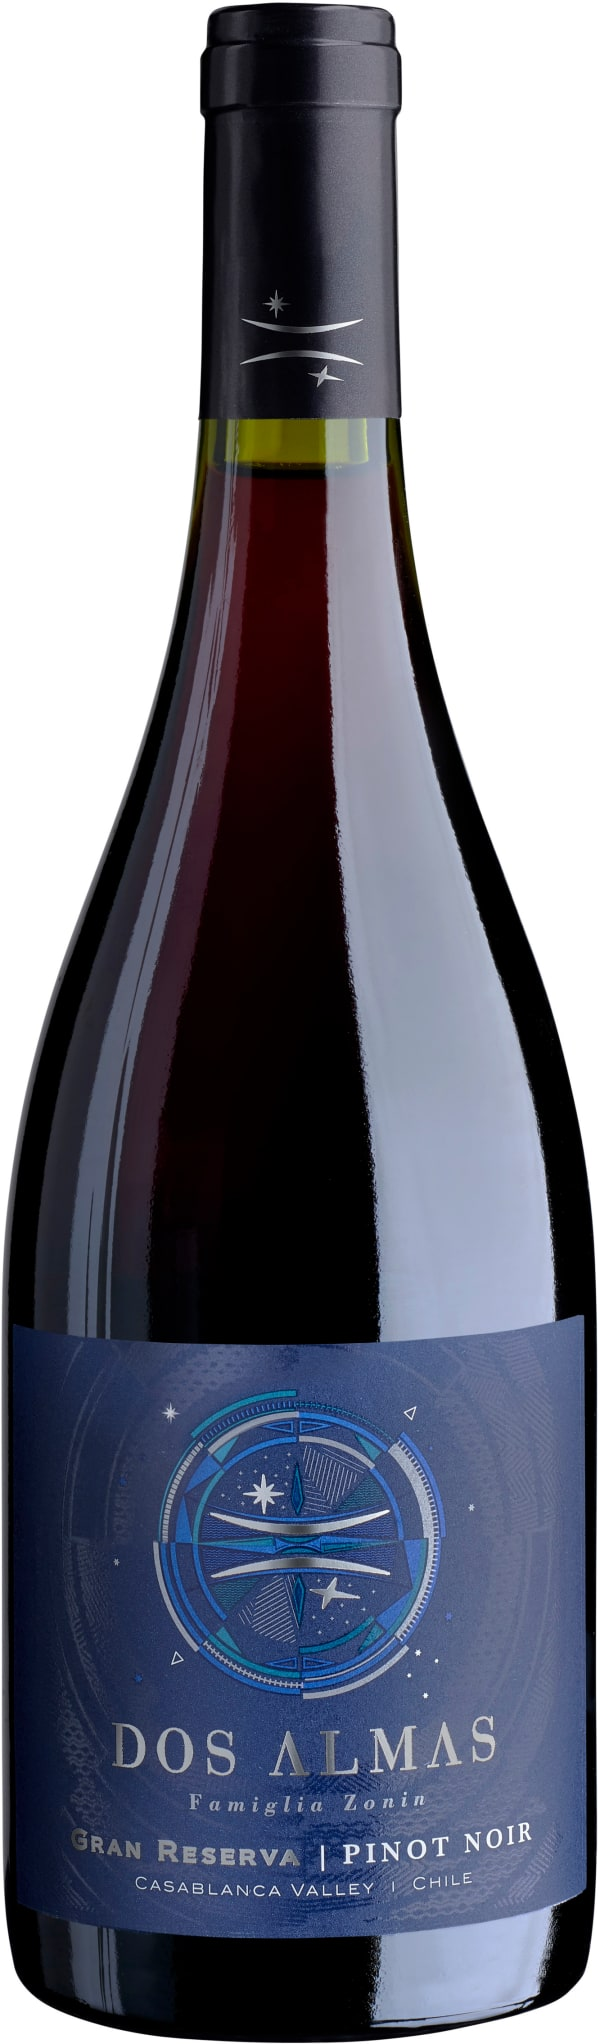 Dos Almas Pinot Noir Gran Reserva 2017